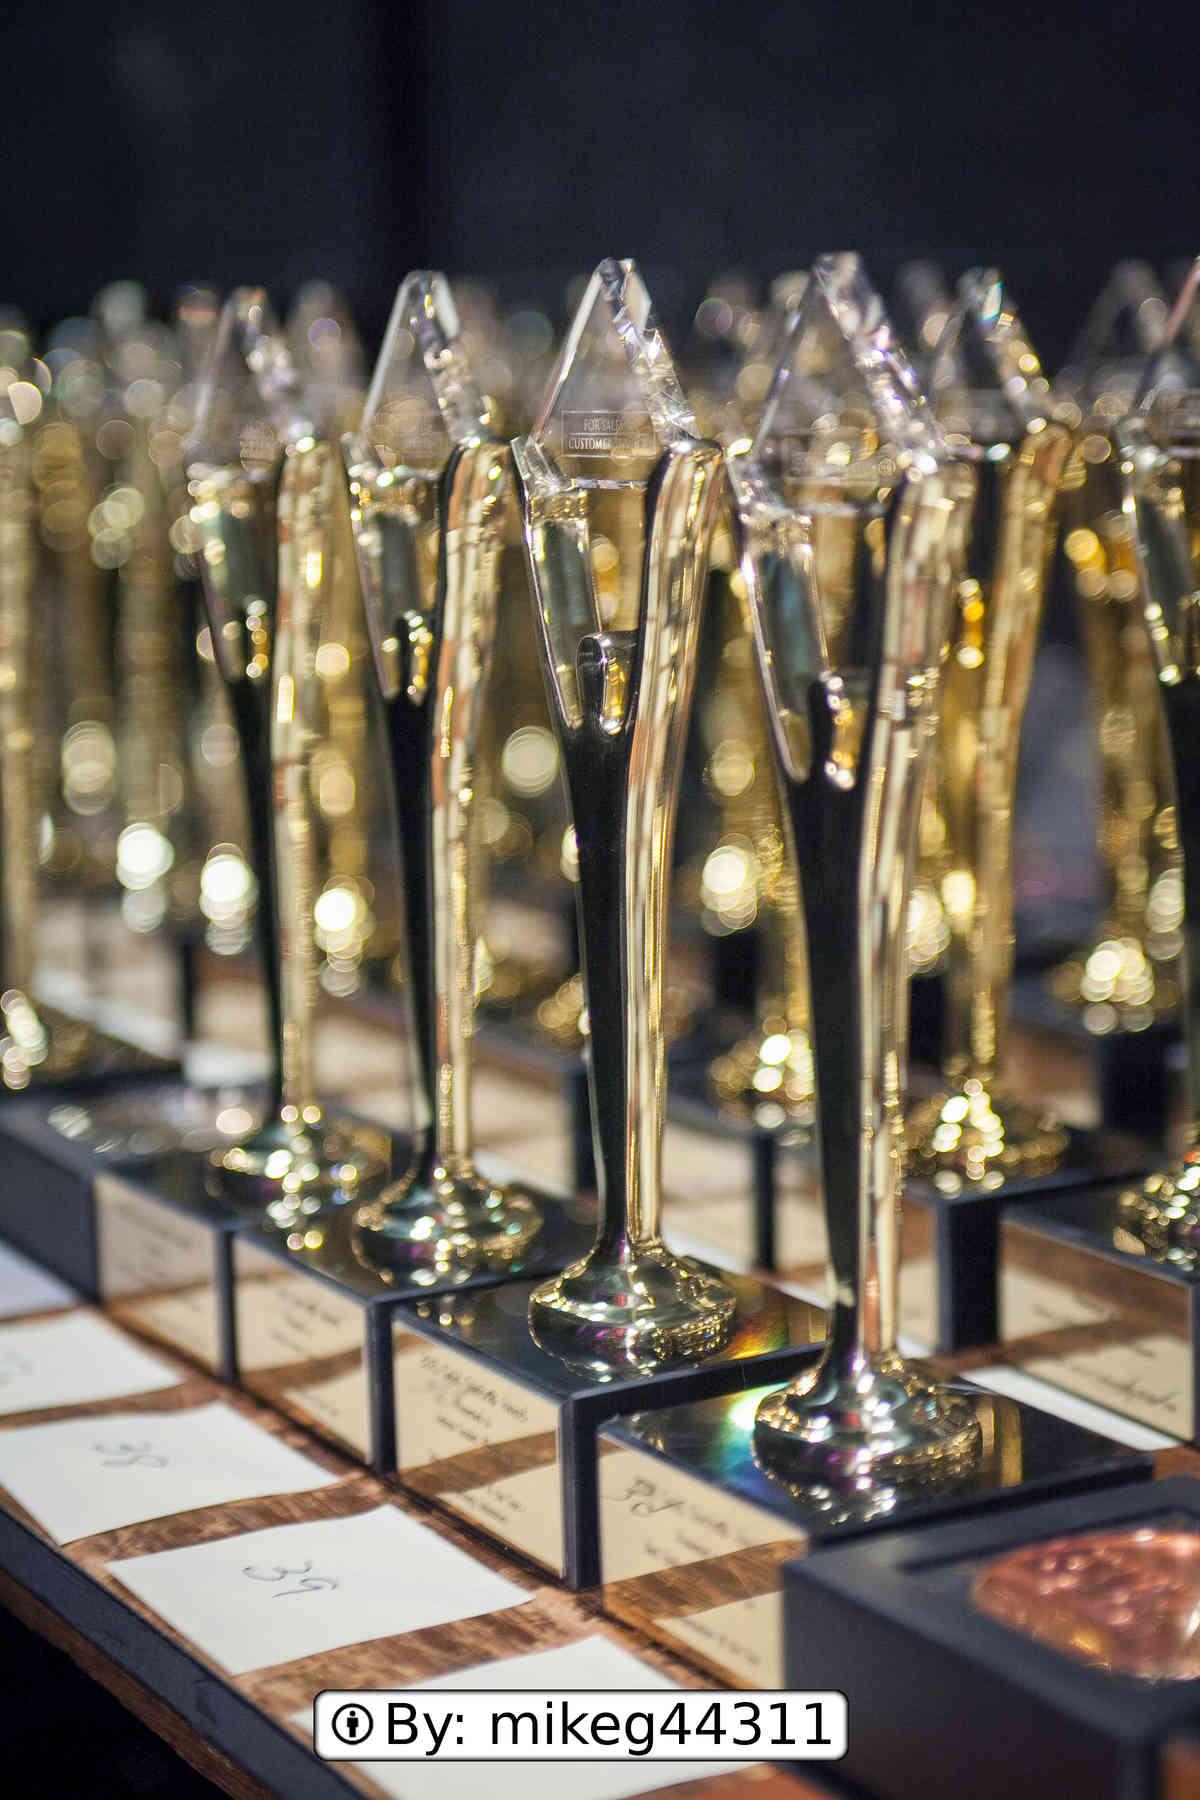 premios 16489829029 c73cc11318 o